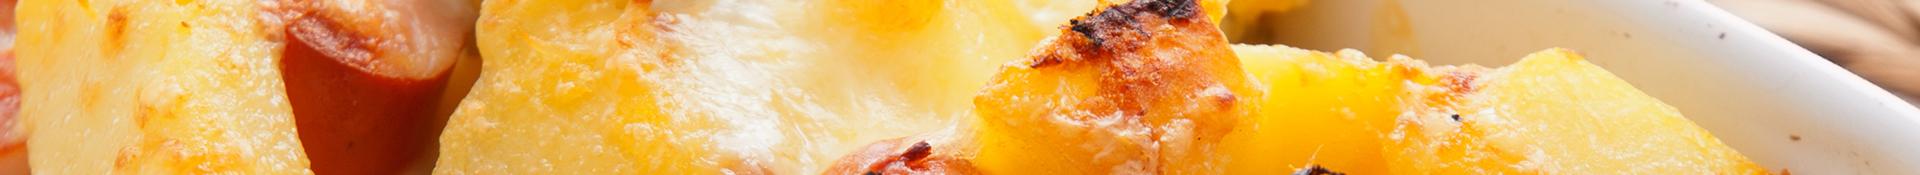 sausage potato cassarole